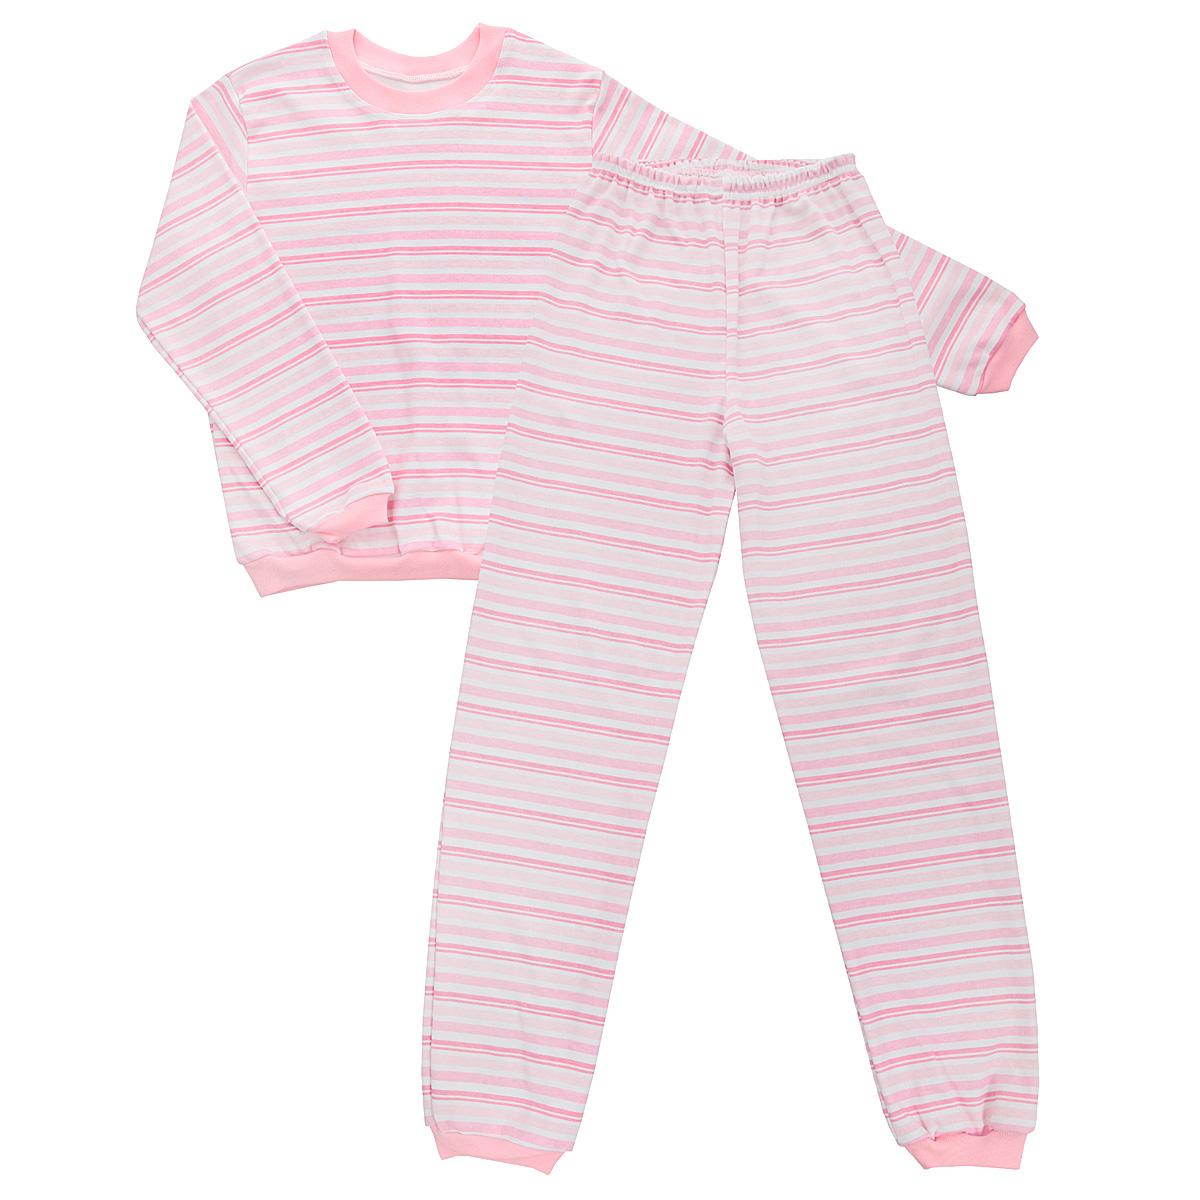 5555_полоскаУютная детская пижама Трон-плюс, состоящая из джемпера и брюк, идеально подойдет вашему ребенку и станет отличным дополнением к детскому гардеробу. Изготовленная из интерлока, она необычайно мягкая и легкая, не сковывает движения, позволяет коже дышать и не раздражает даже самую нежную и чувствительную кожу ребенка. Трикотажный джемпер с длинными рукавами имеет круглый вырез горловины. Низ изделия, рукава и вырез горловины дополнены эластичной трикотажной резинкой контрастного цвета. Брюки на талии имеют эластичную резинку, благодаря чему не сдавливают живот ребенка и не сползают. Низ брючин дополнен широкими эластичными манжетами контрастного цвета. Оформлено изделие принтом в полоску. В такой пижаме ваш ребенок будет чувствовать себя комфортно и уютно во время сна.